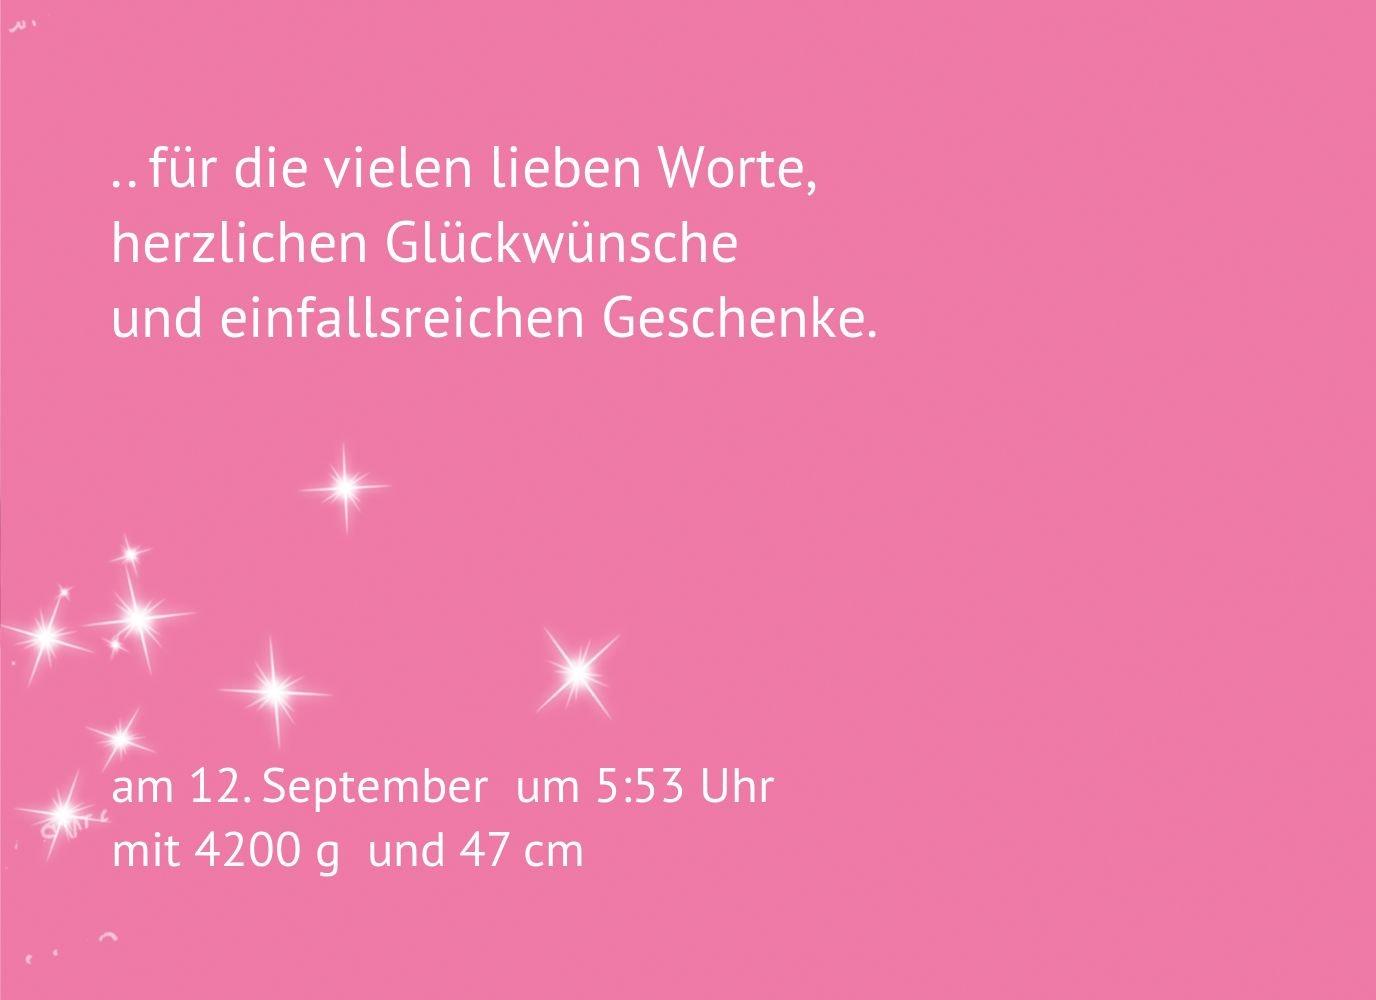 Kartenparadies Danksagung Danksagung Danksagung für Geburt Baby Dankeskarte Star, hochwertige Danksagungskarte Baby inklusive Umschläge   10 Karten - (Format  148x105 mm) Farbe  RosaRosa B01MZFQ51V | Deutschland Online Shop  | Treten Sie ein in die Welt der Spielzeu be6723